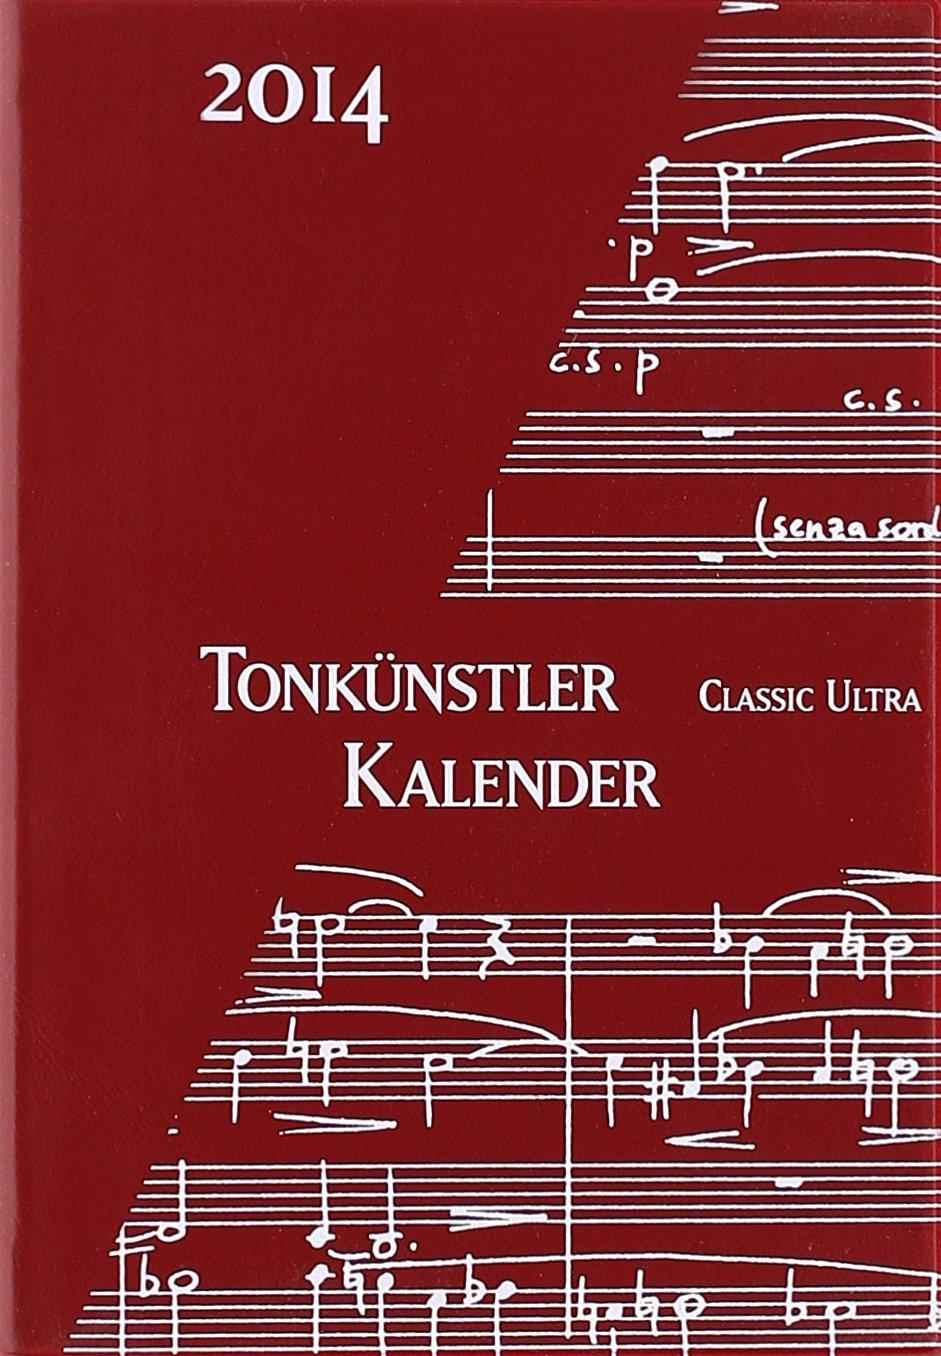 tonknstler-kalender-classic-ultra-taschenkalender-2014